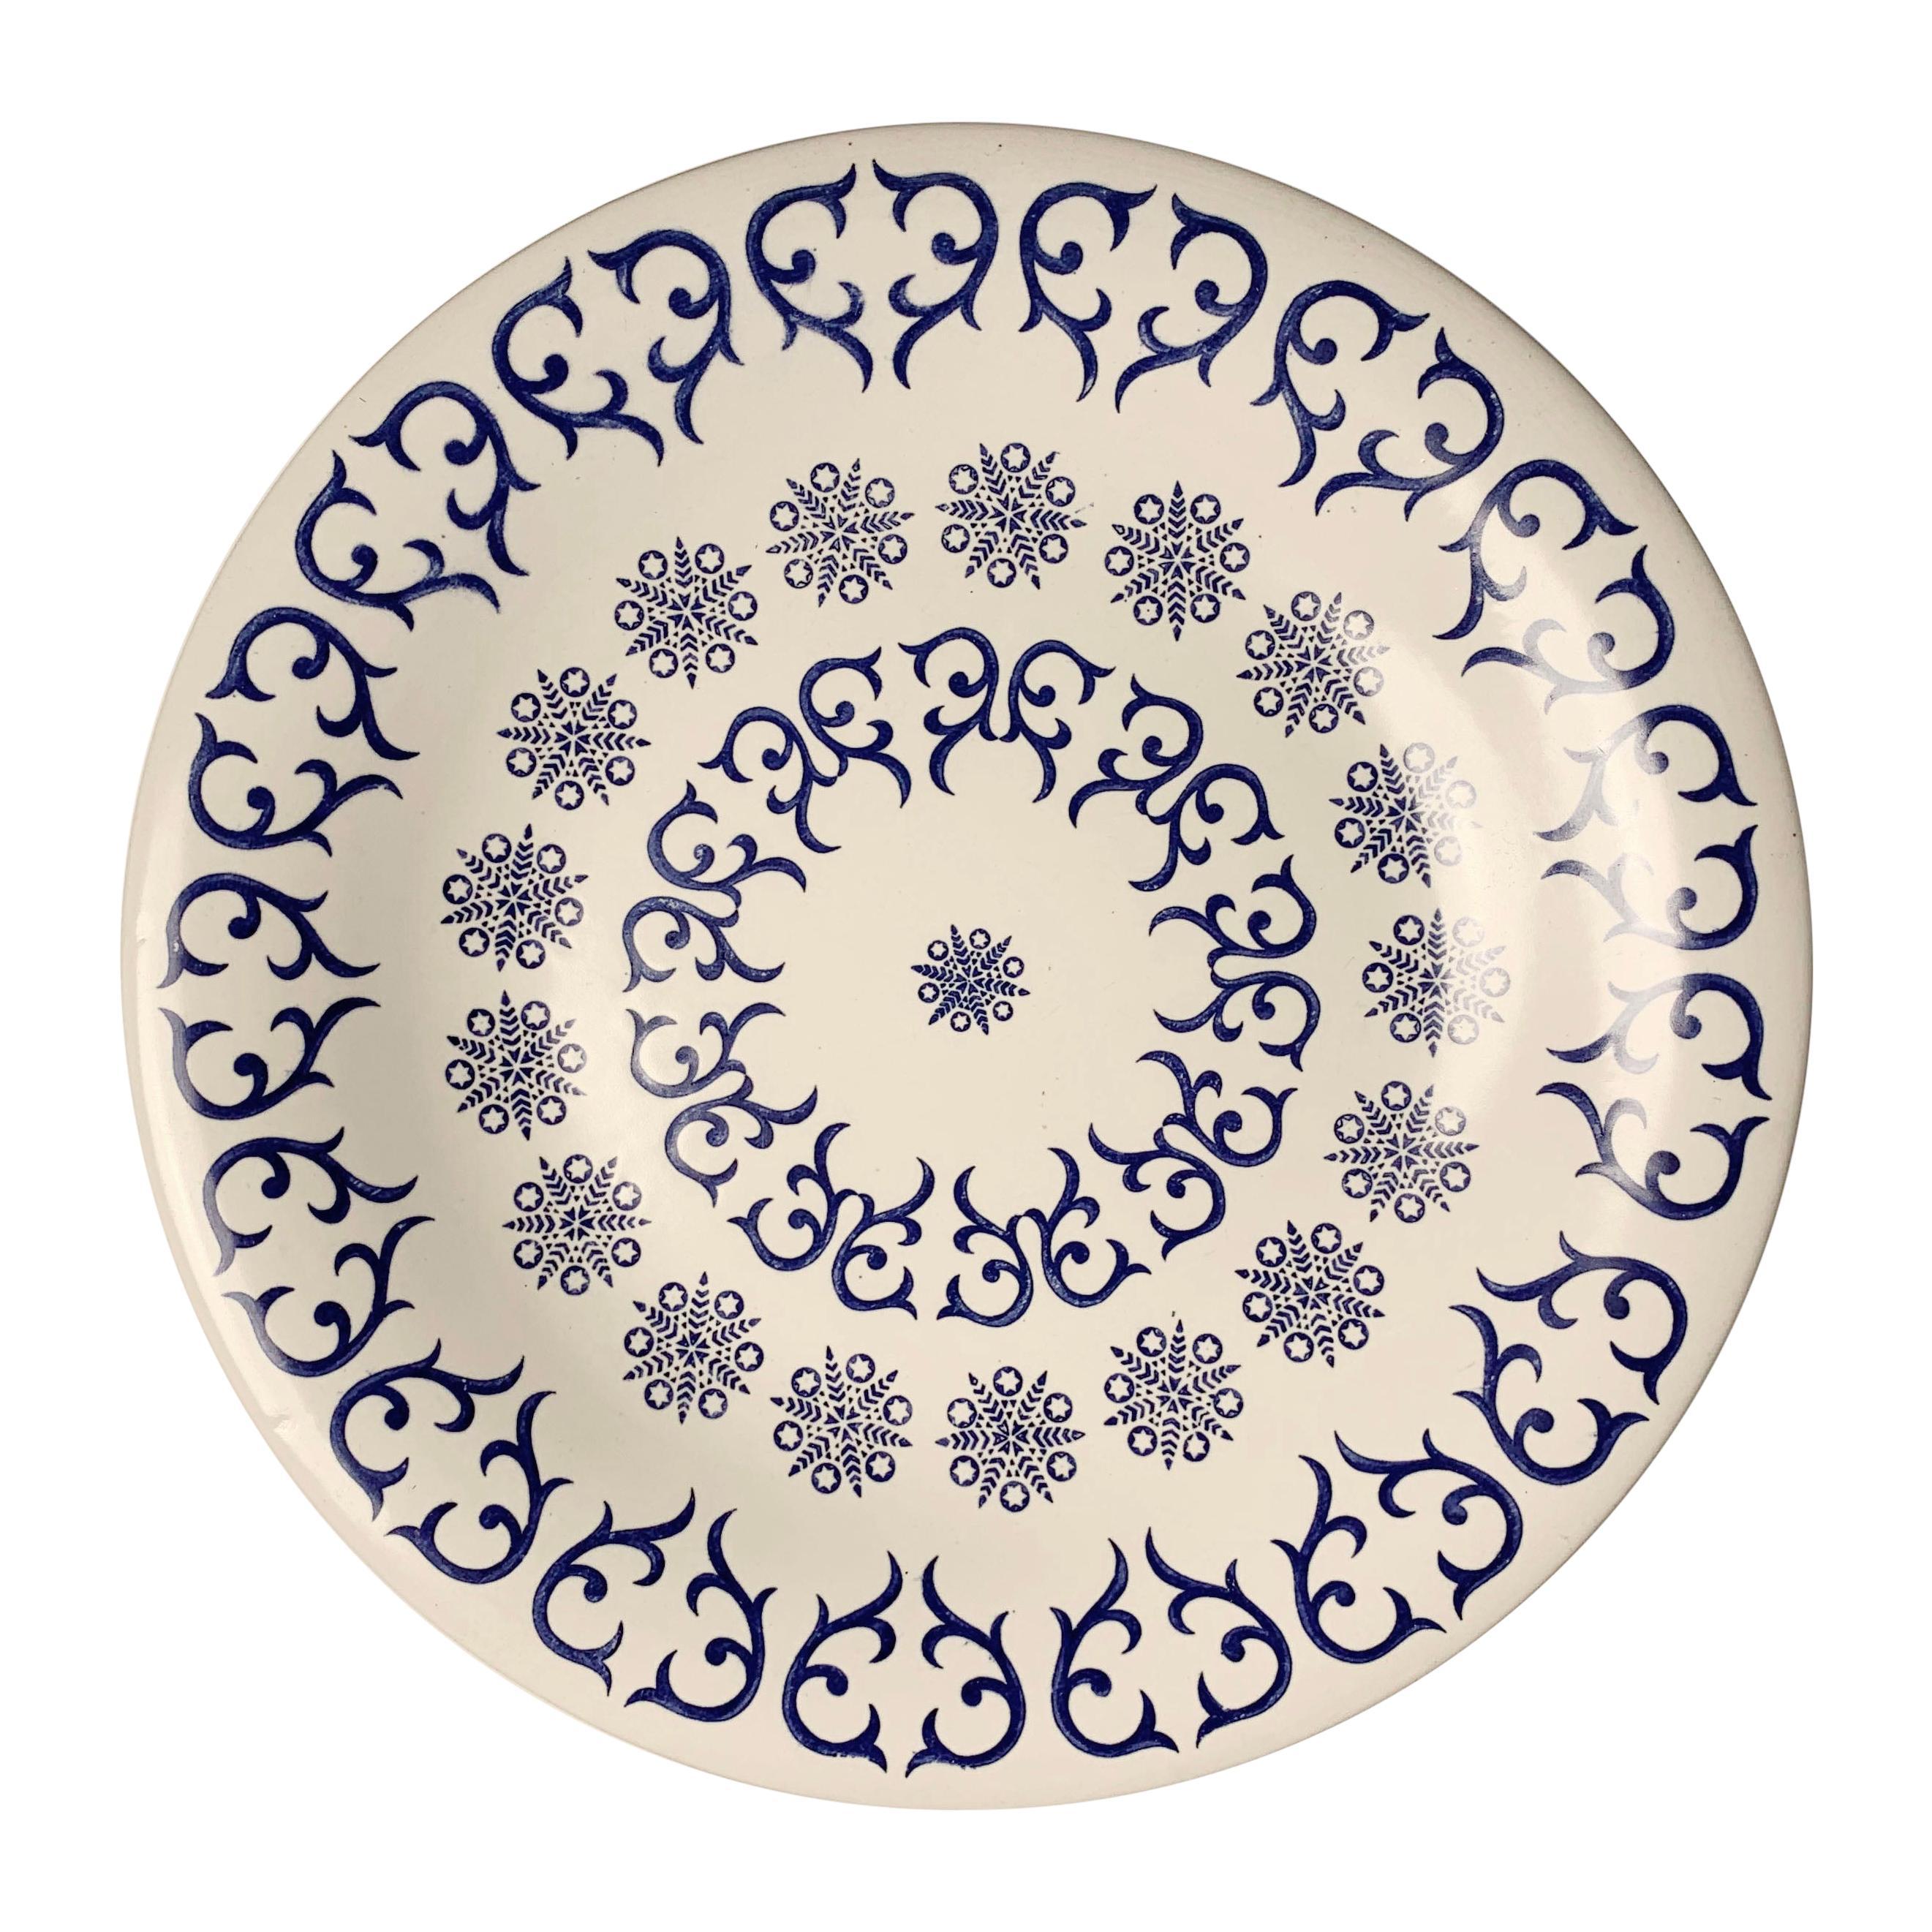 Eva Zeisel Scarce Ironstone Dinnerware Set for 10 by Schmid NKT, Japan